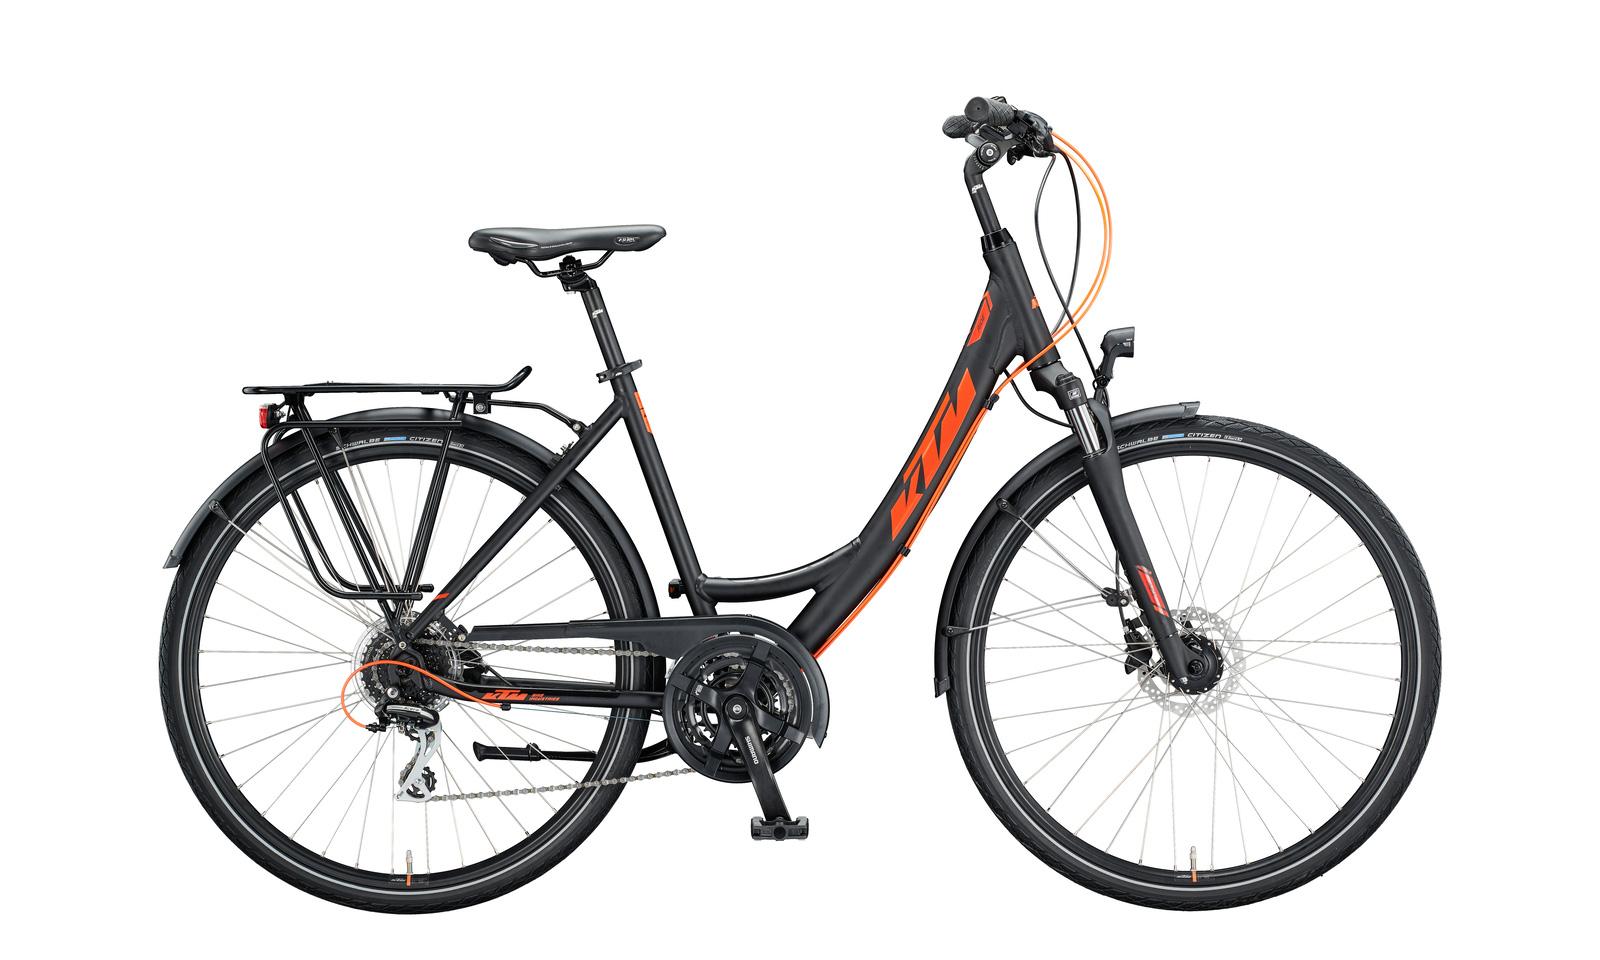 Biciclete KTM Trekking Onroad LIFE RIDE 3x8 Shimano Acera